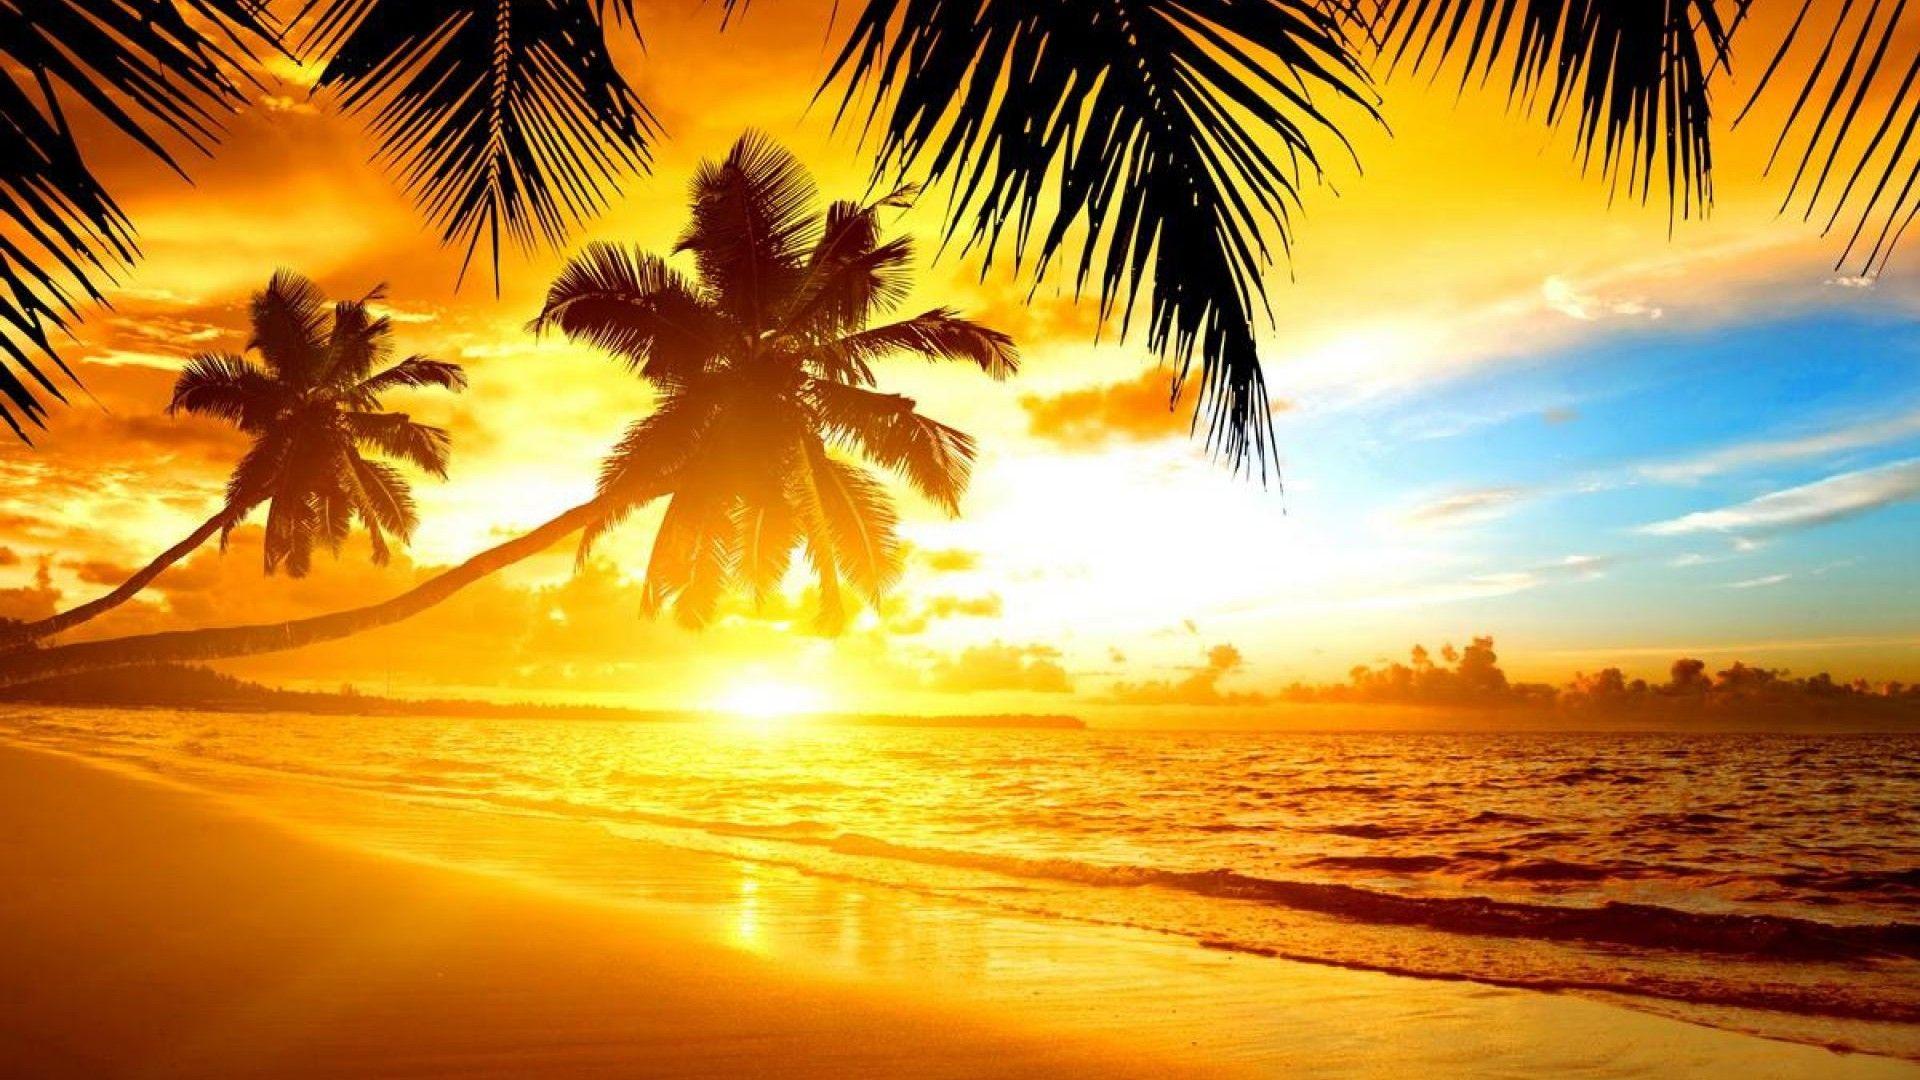 Sunrise Palms Sea Photo